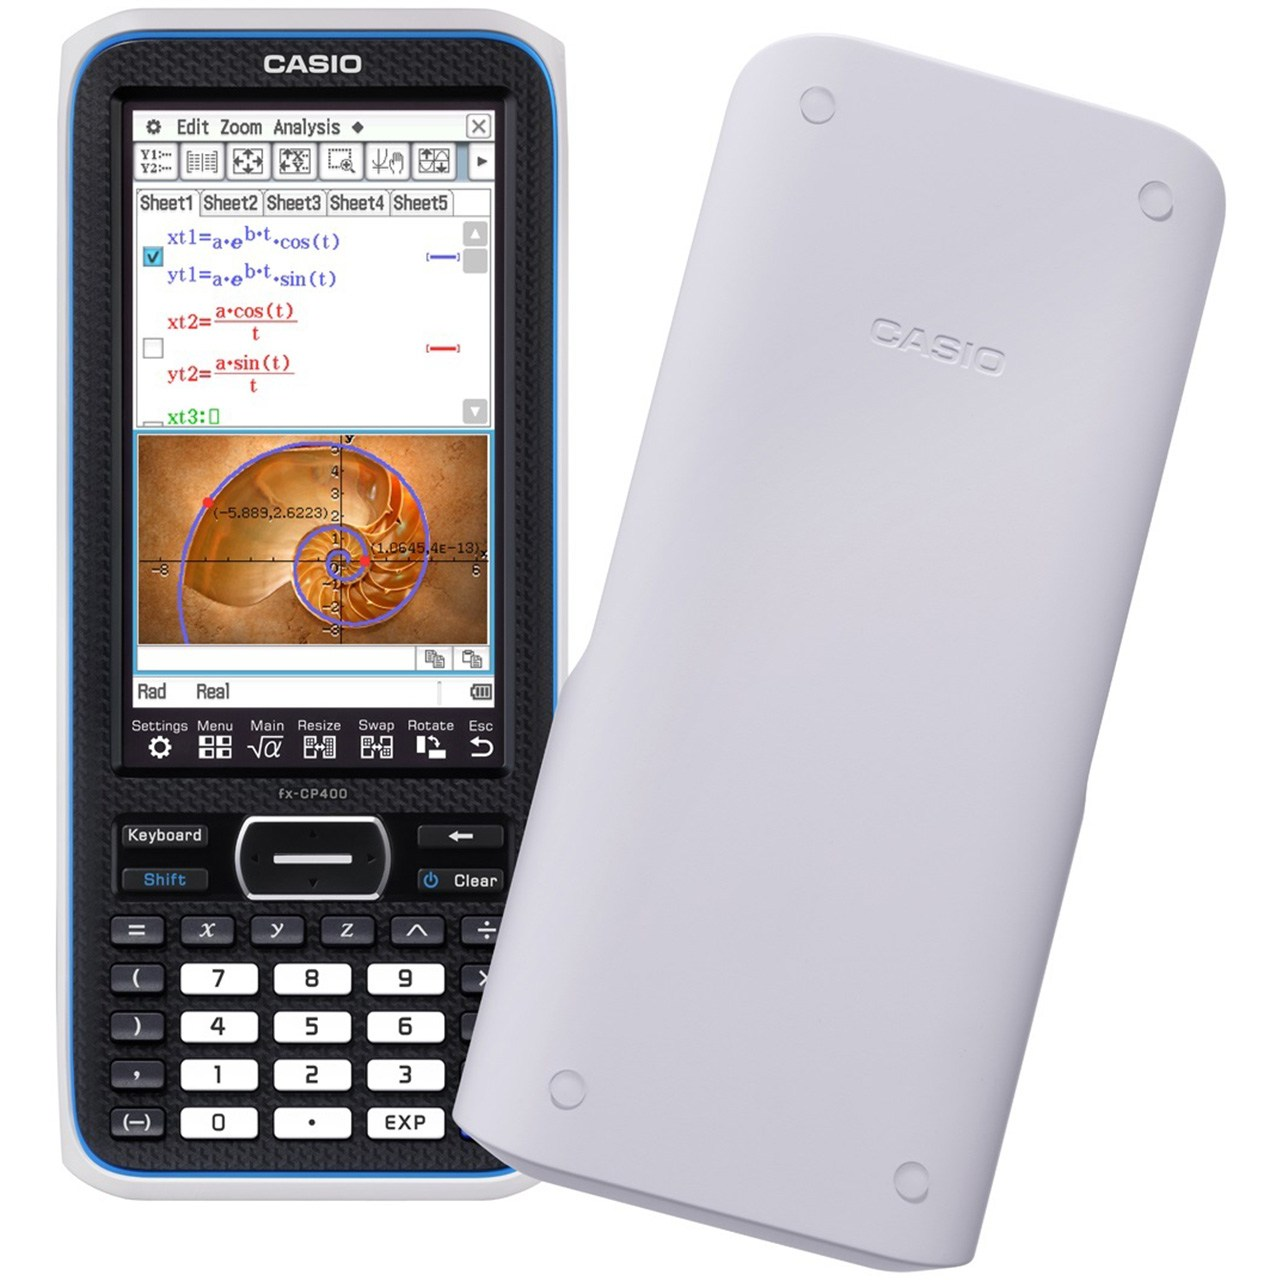 ماشین حساب مهندسی کاسیو مدل FX-CP400